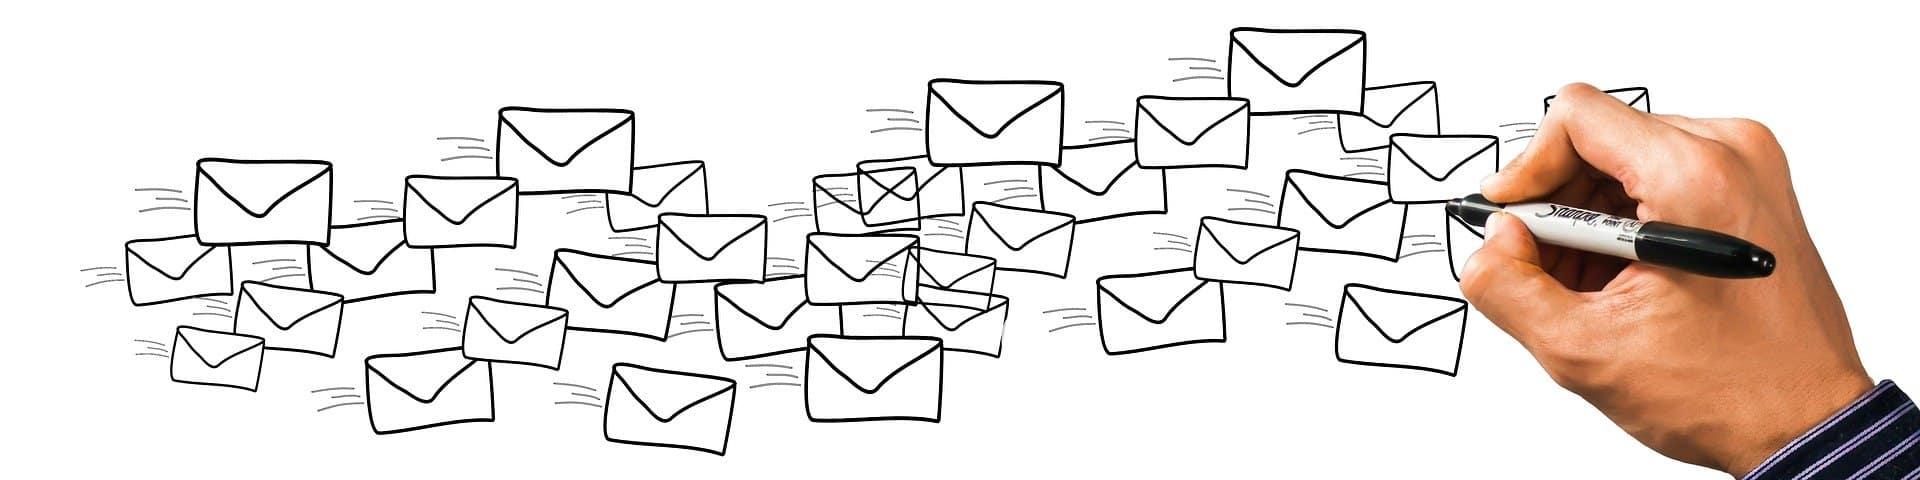 BEEGO kies het juiste e-mailadres